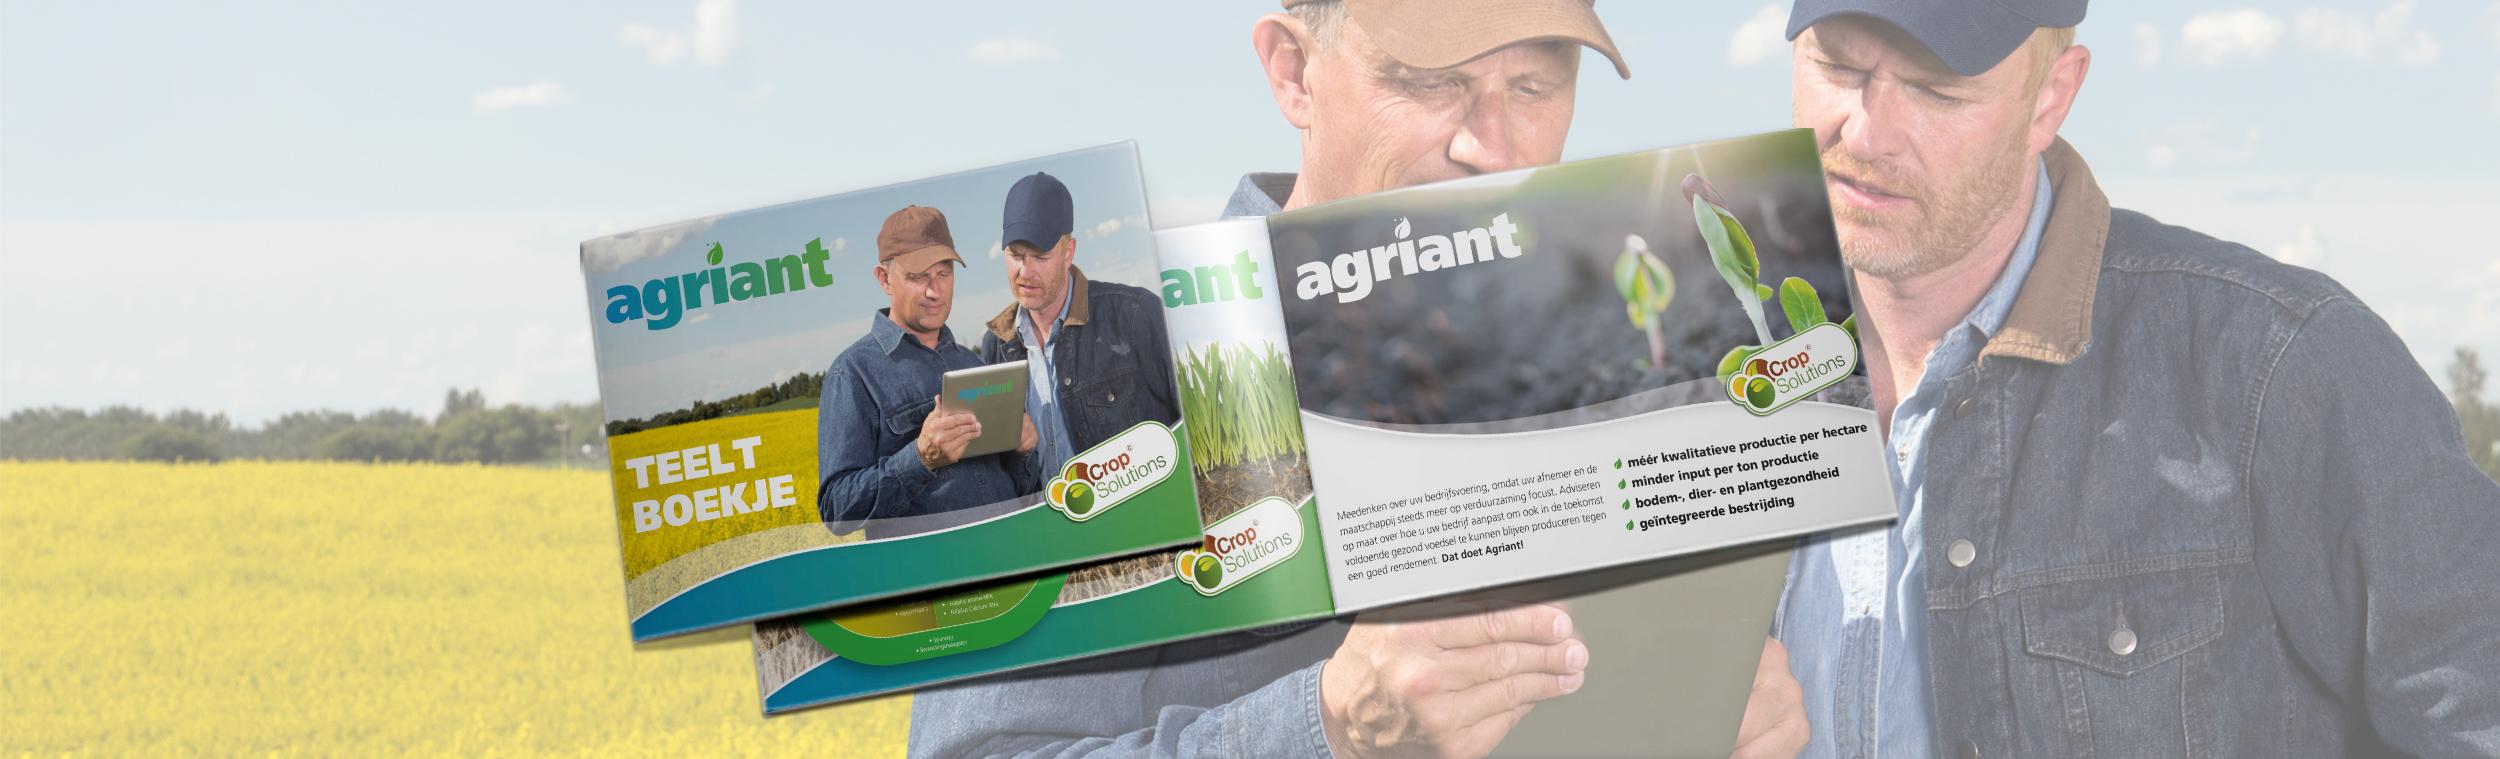 portfolio-agriant-teeltboekje